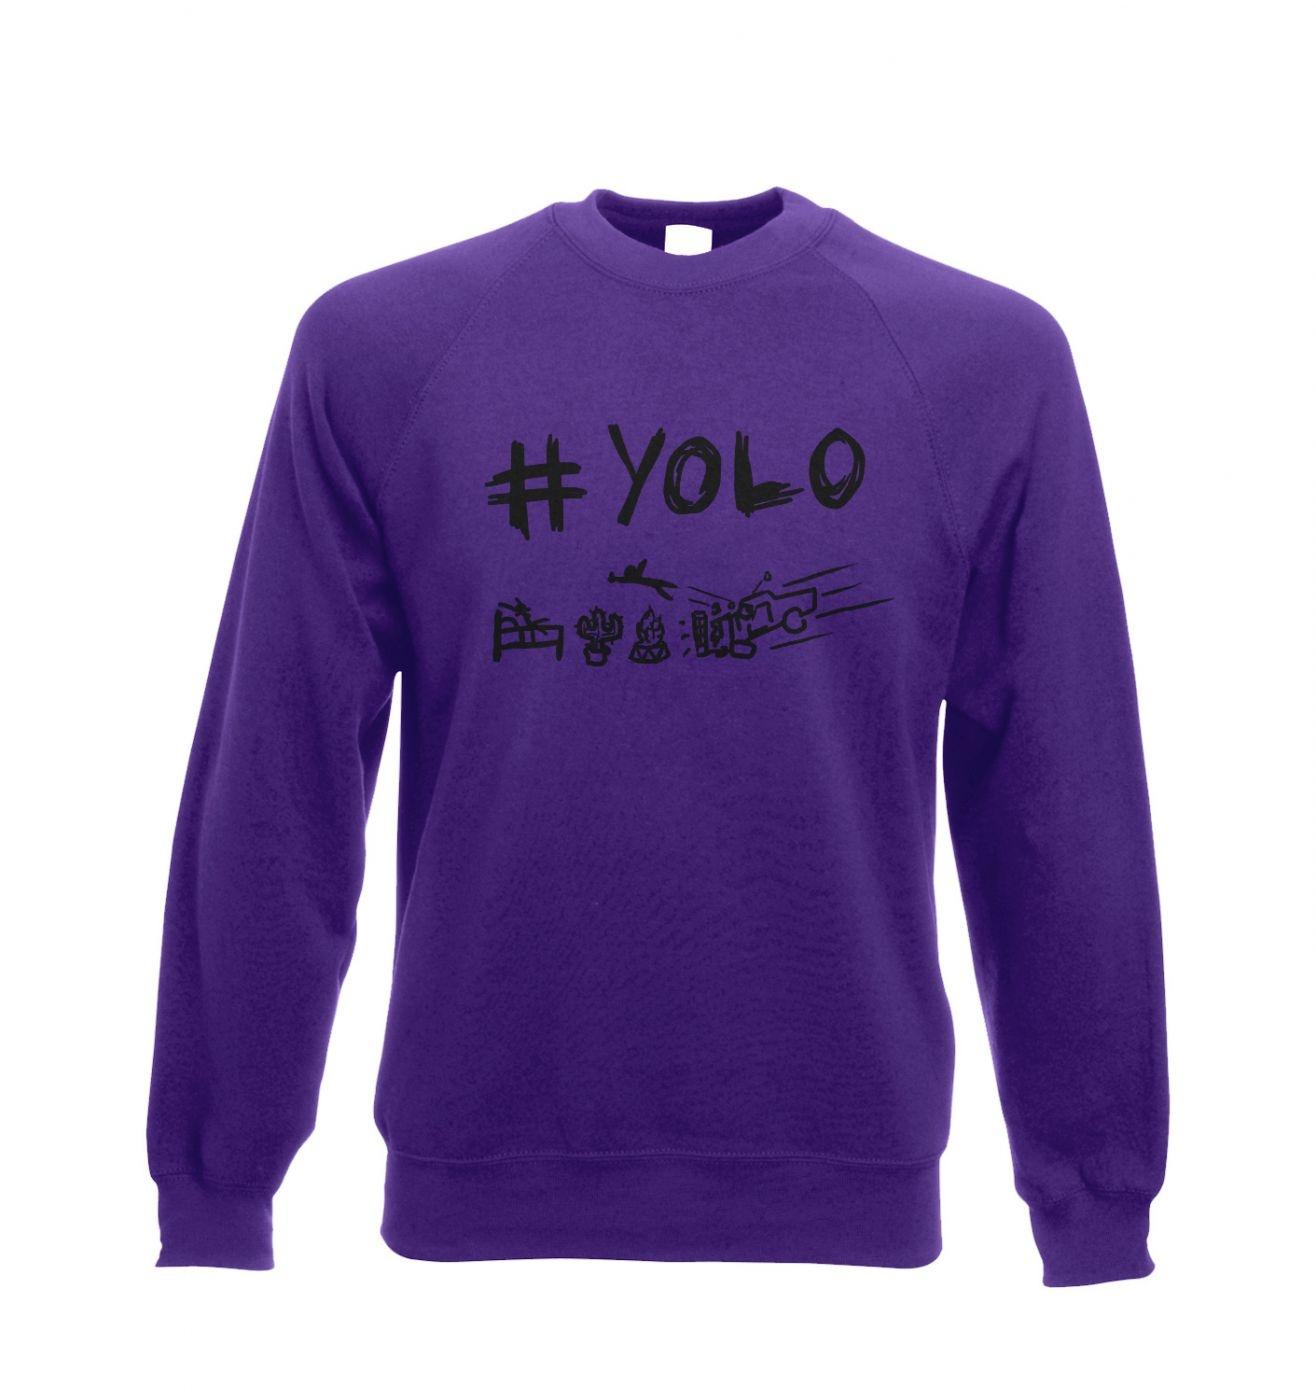 Adults' #yolo crewneck sweatshirt. You only live once